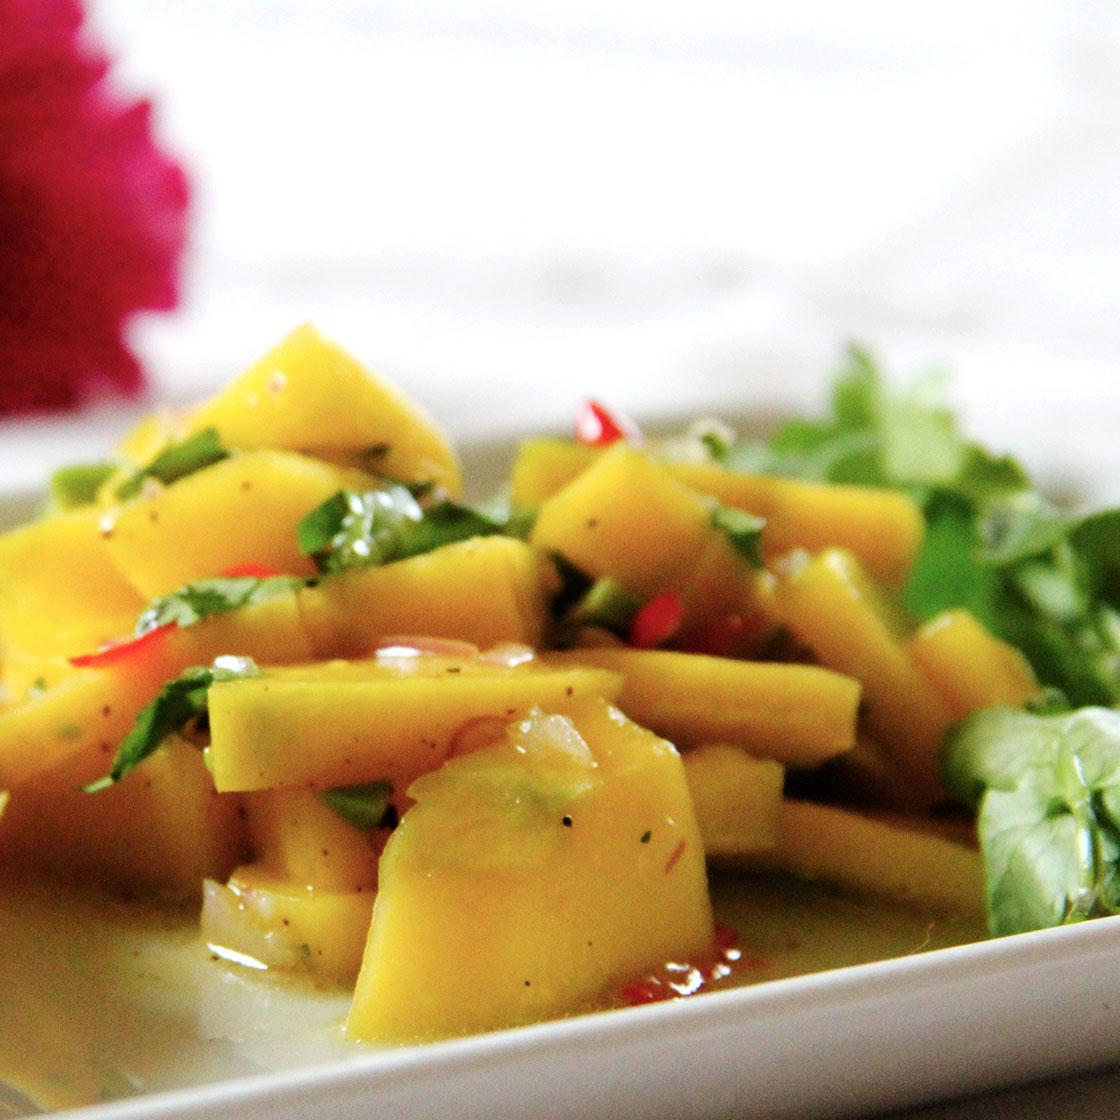 Insalata piccante di mango con basilico e peperoncini freschi